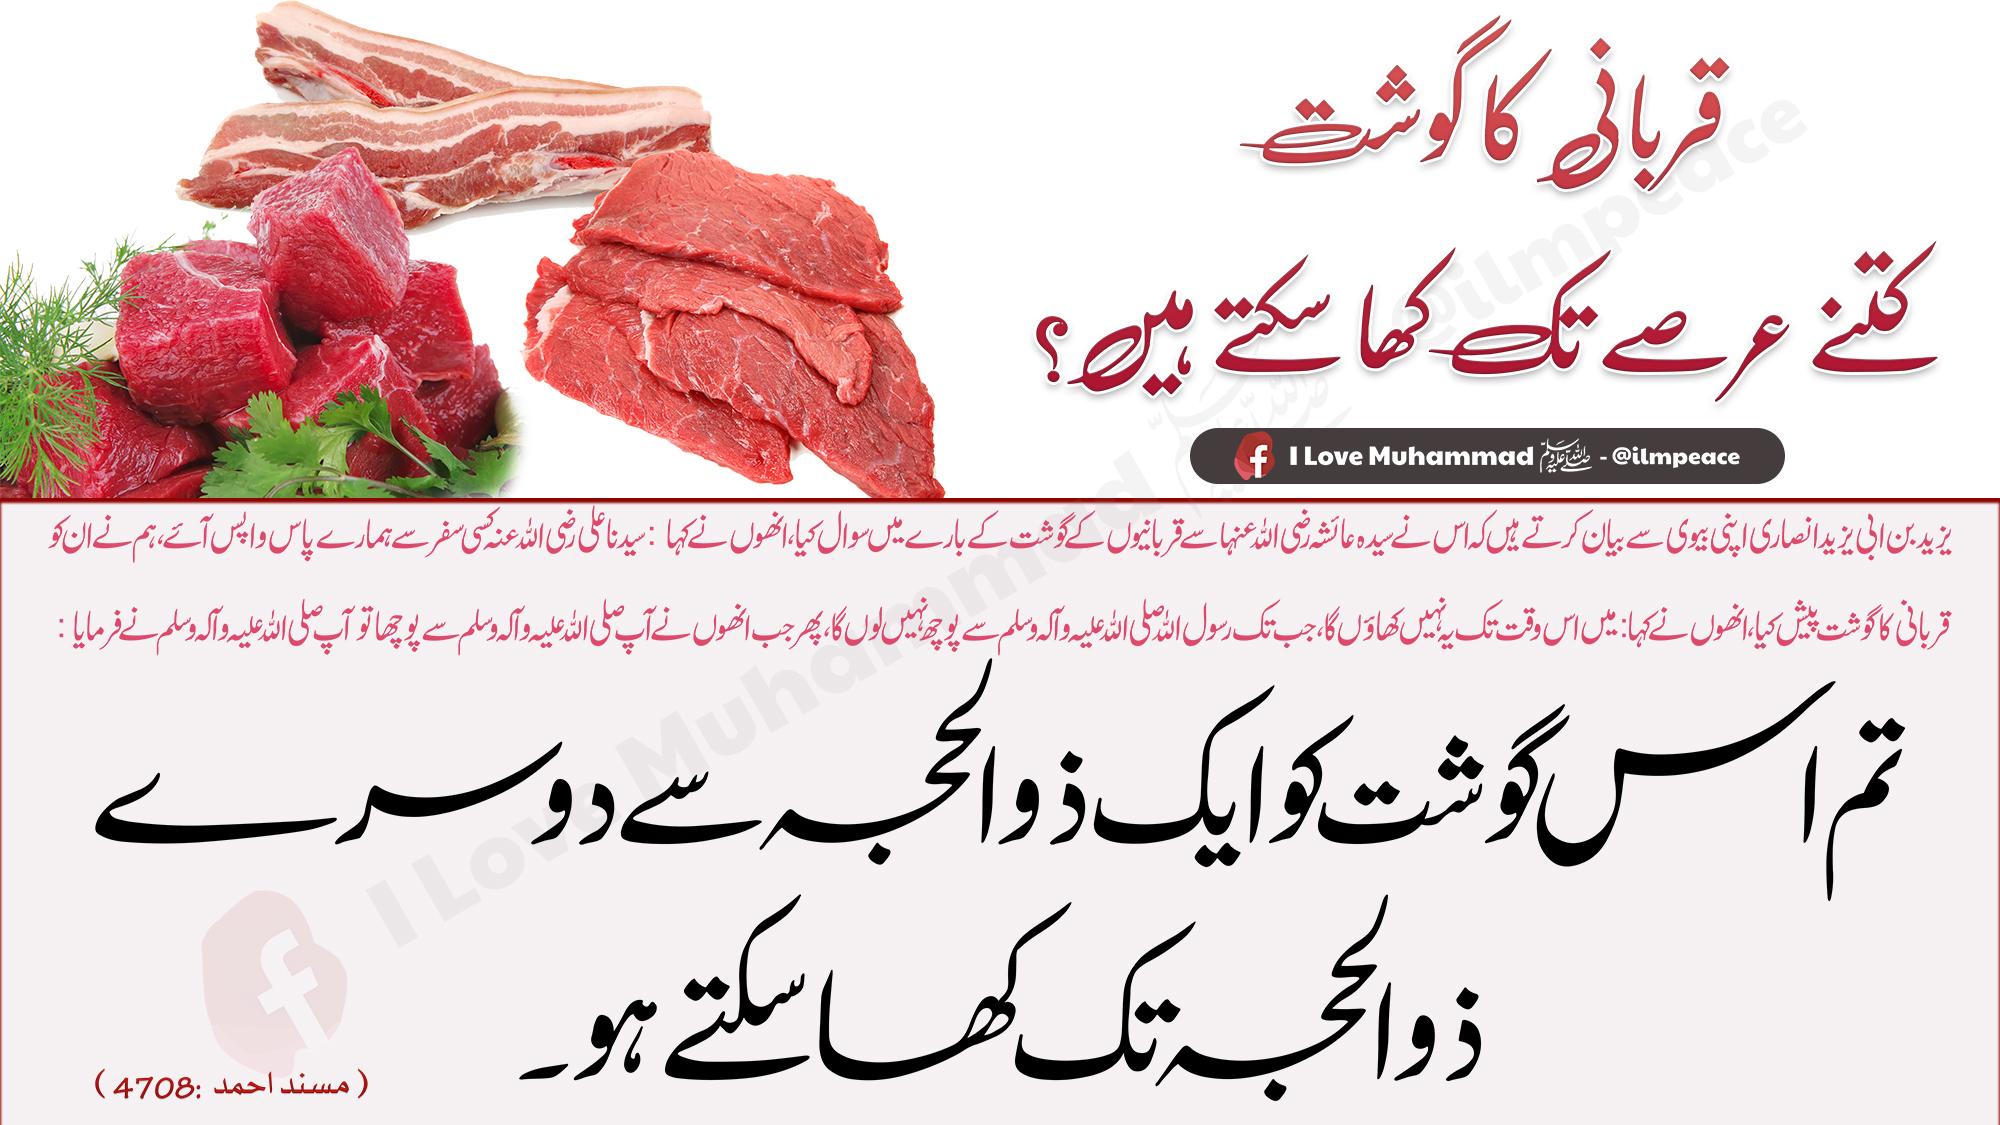 قربانی کا گوشت کتنے عرصے تک کھا سکتے ہیں؟ JPG.jpg